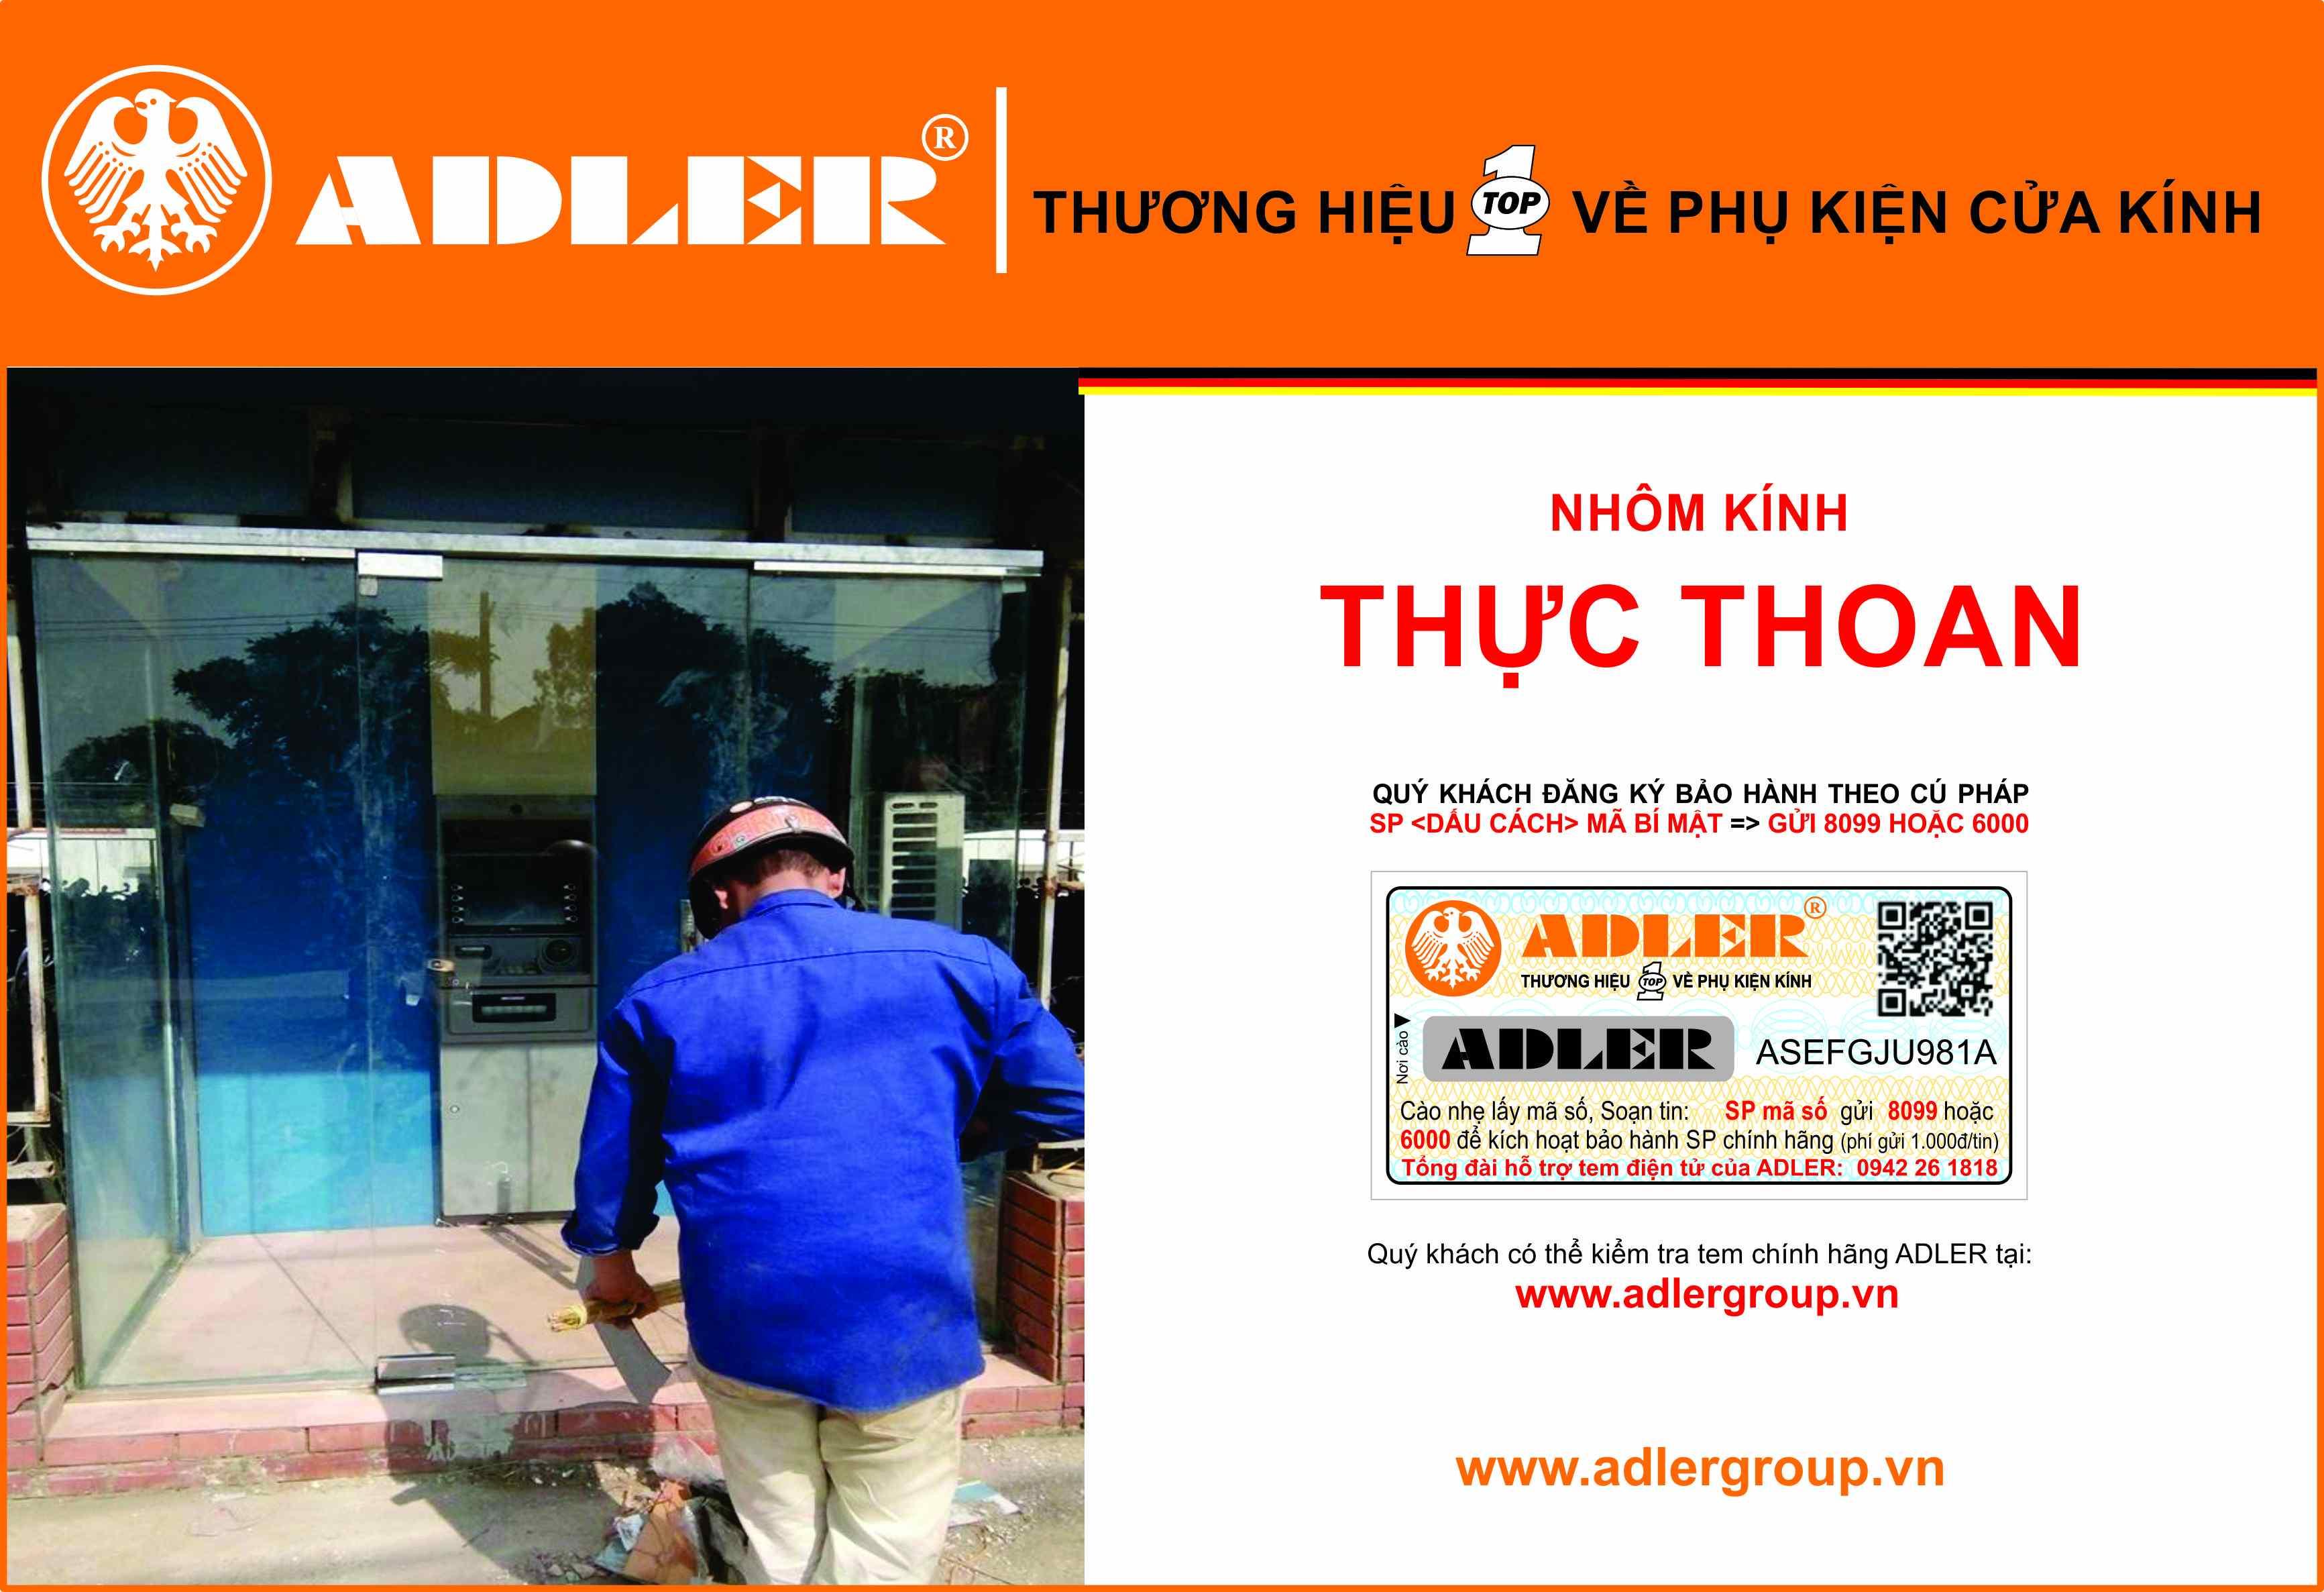 Adler và nhôm kính Thực Thoan